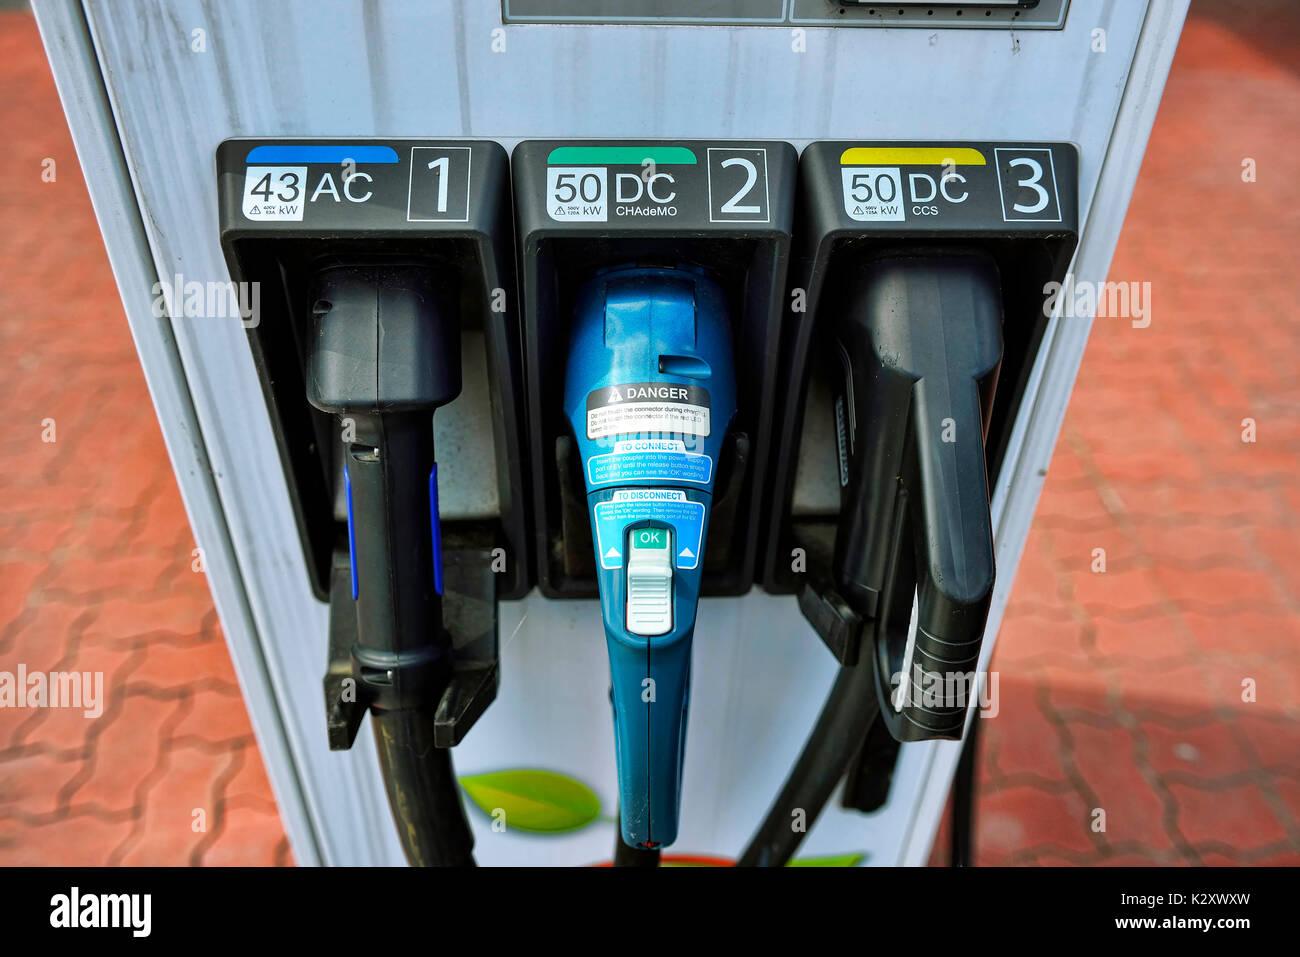 Aufladestation for electric cars, Aufladestation fuer Elektroautos - Stock Image